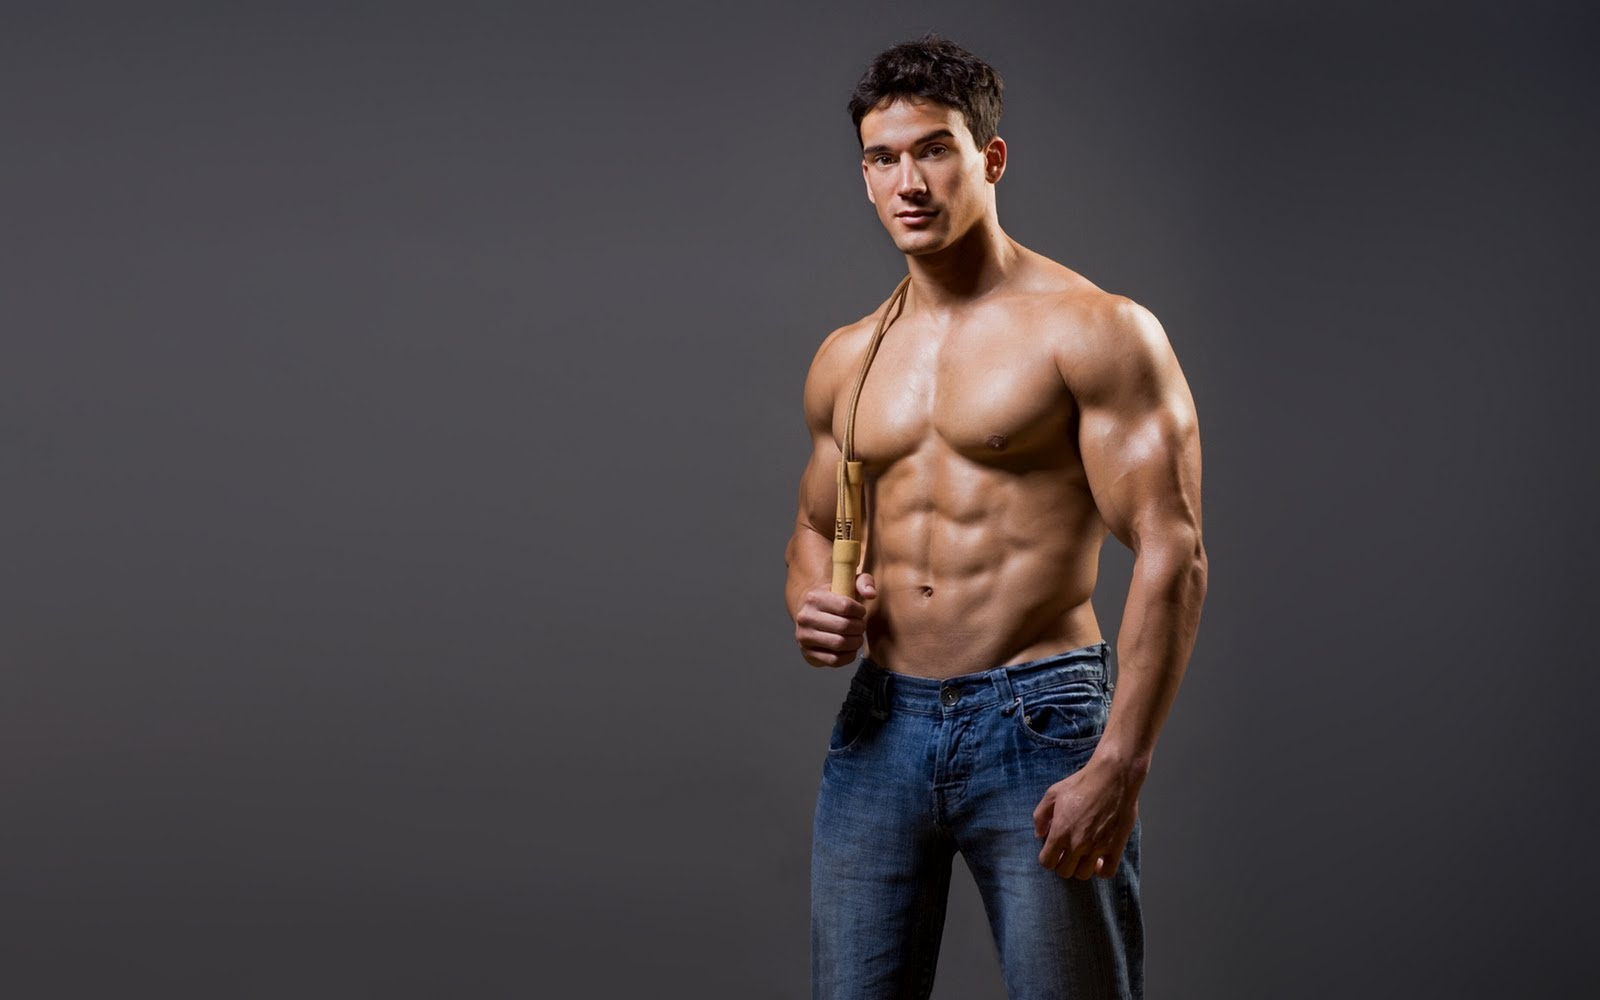 Исследование показало, что женщины на самом деле ищут в партнере, и это не деньги или мускулистое тело